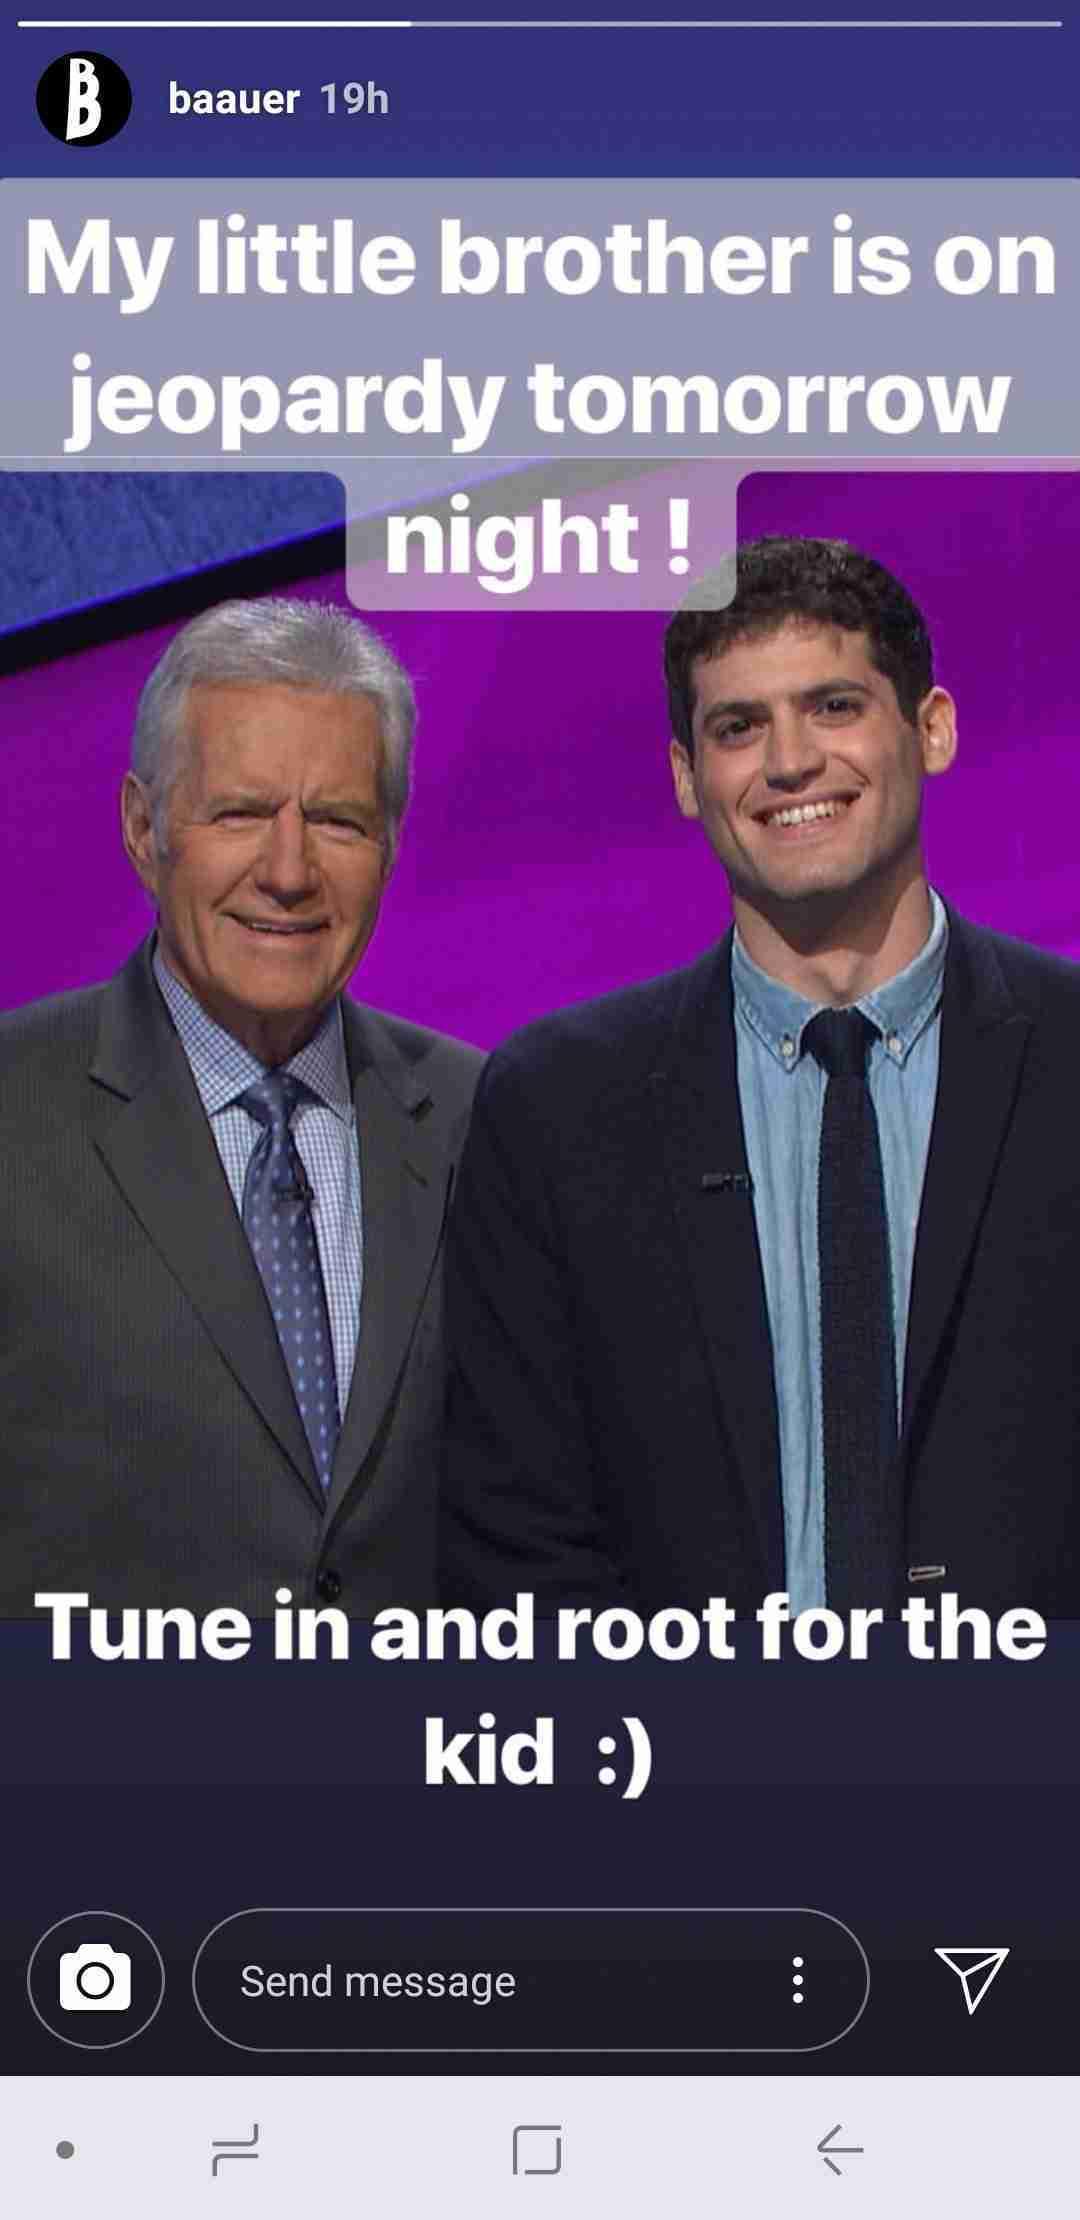 Baauer Instagram Story Brother Alex Trebek Jeopardy